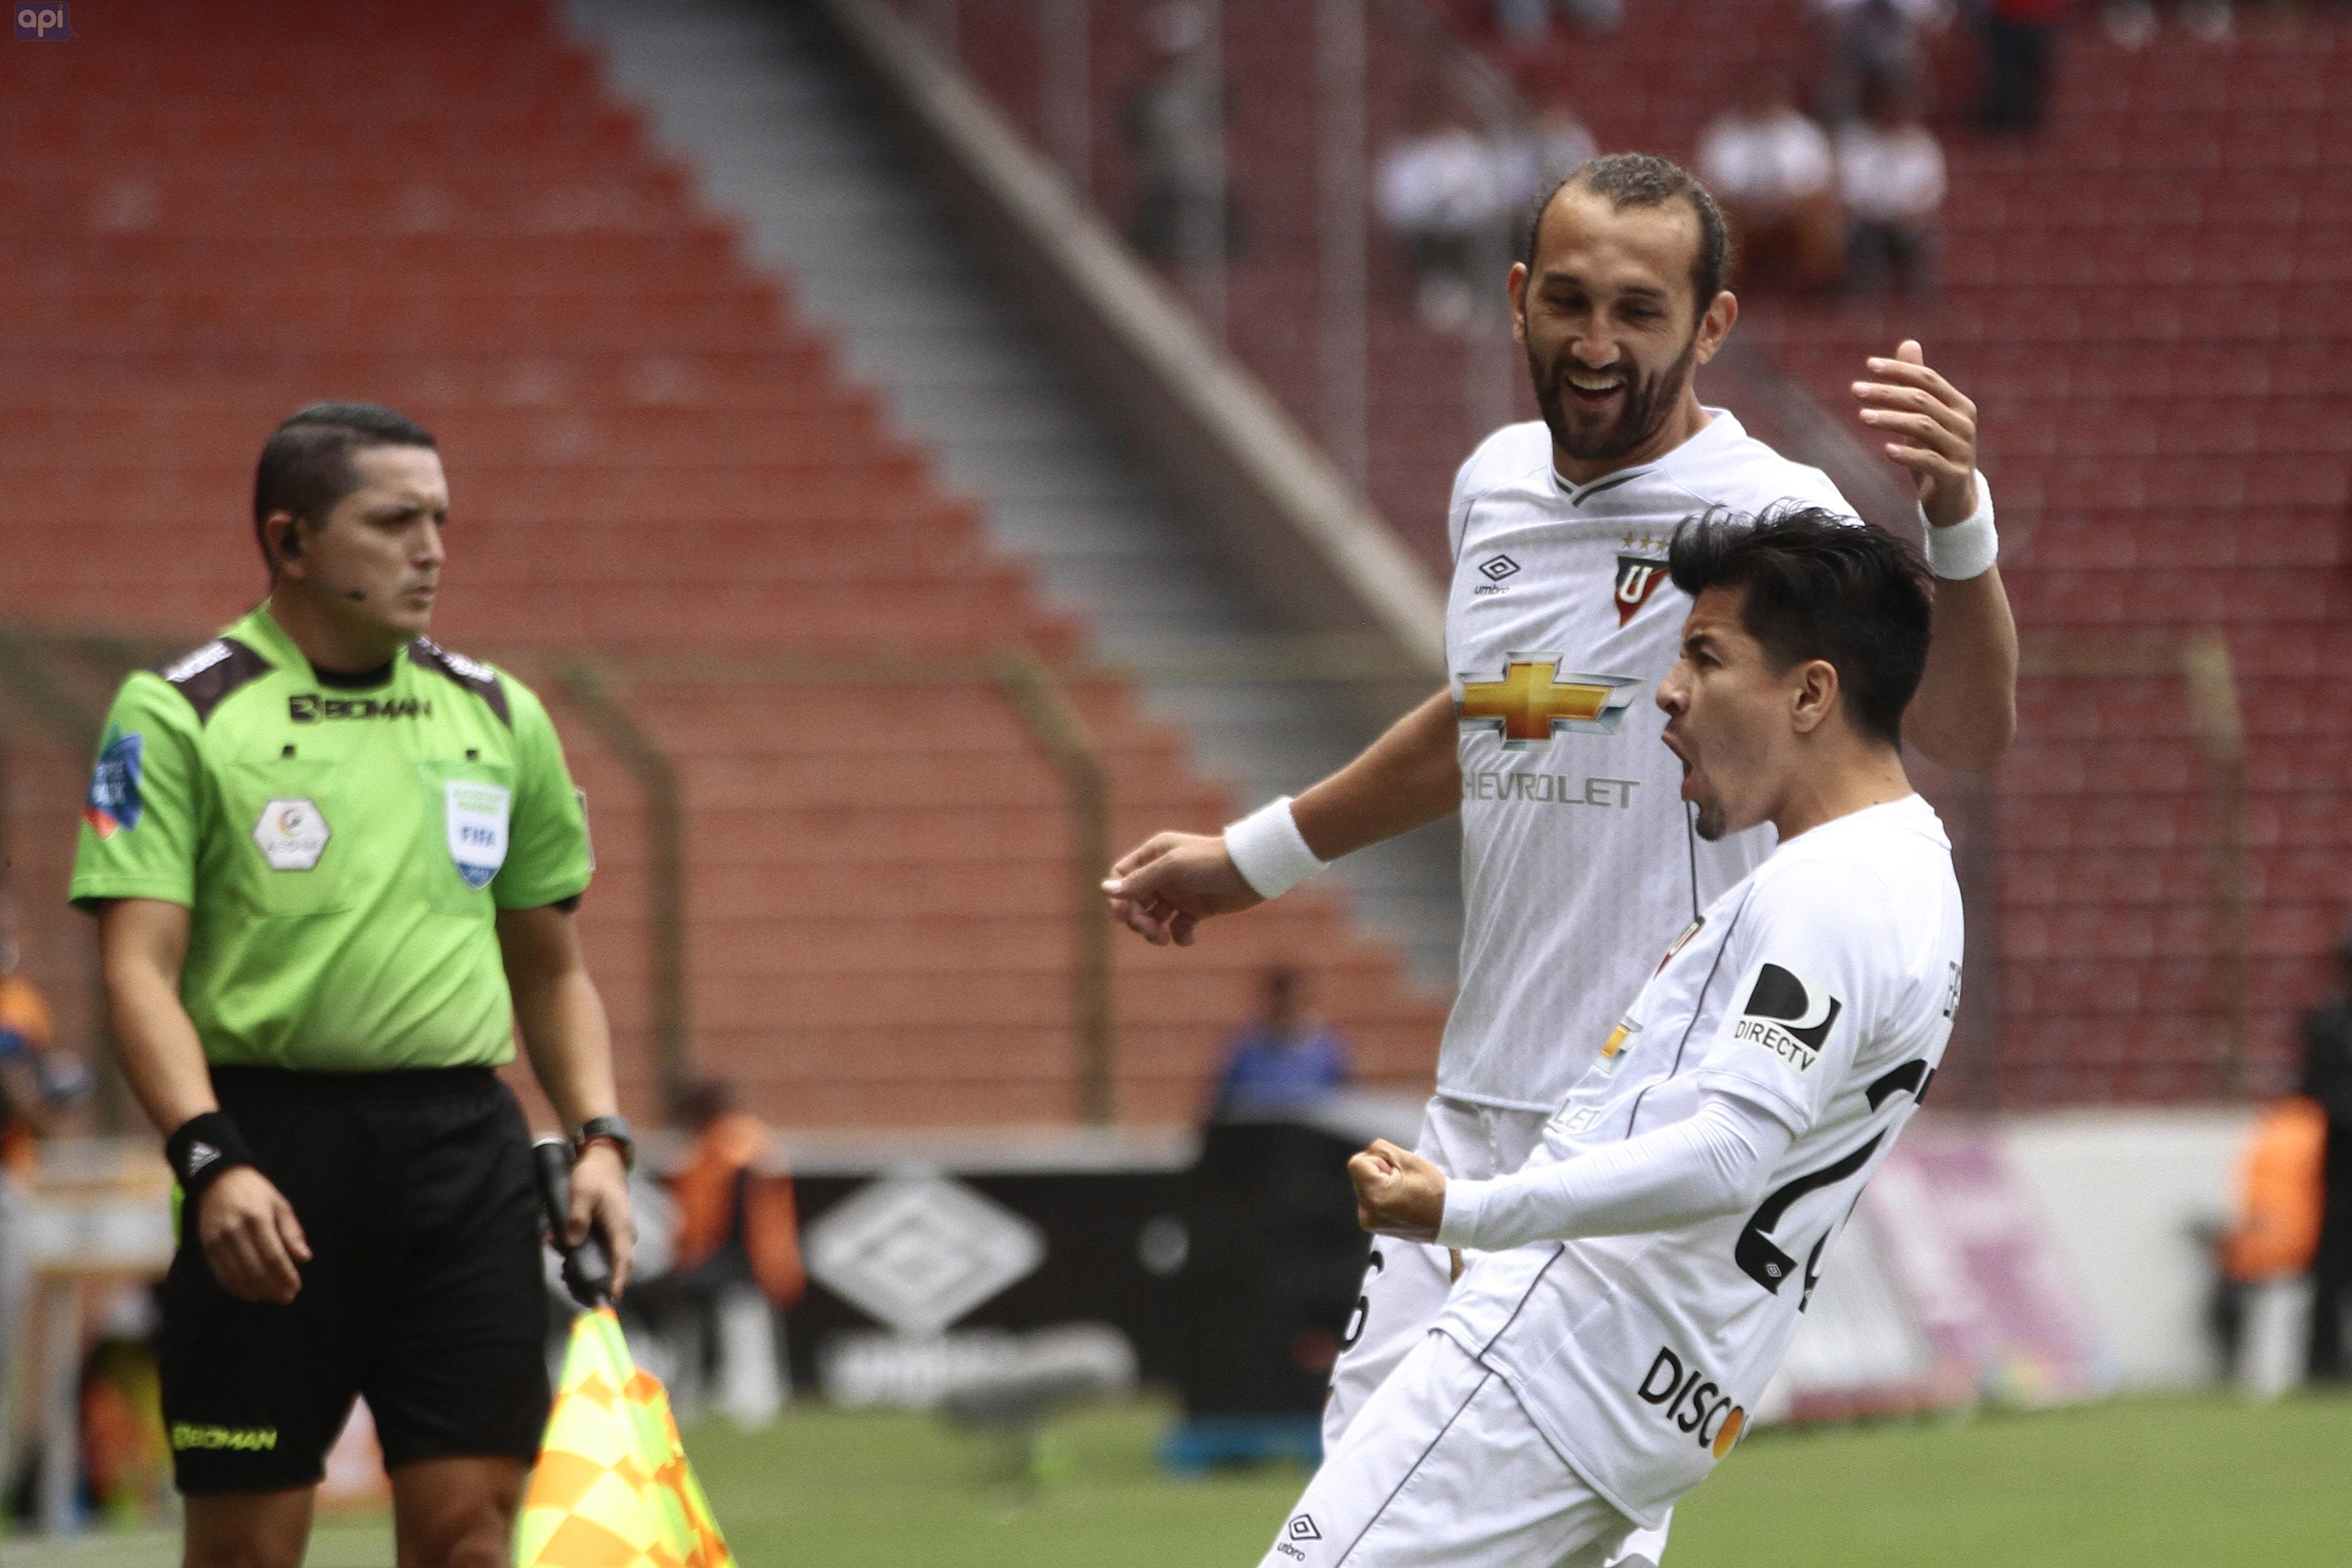 Liga de Quito envió un emotivo mensaje ante la delicada situación que enfrenta el jugador colombiano